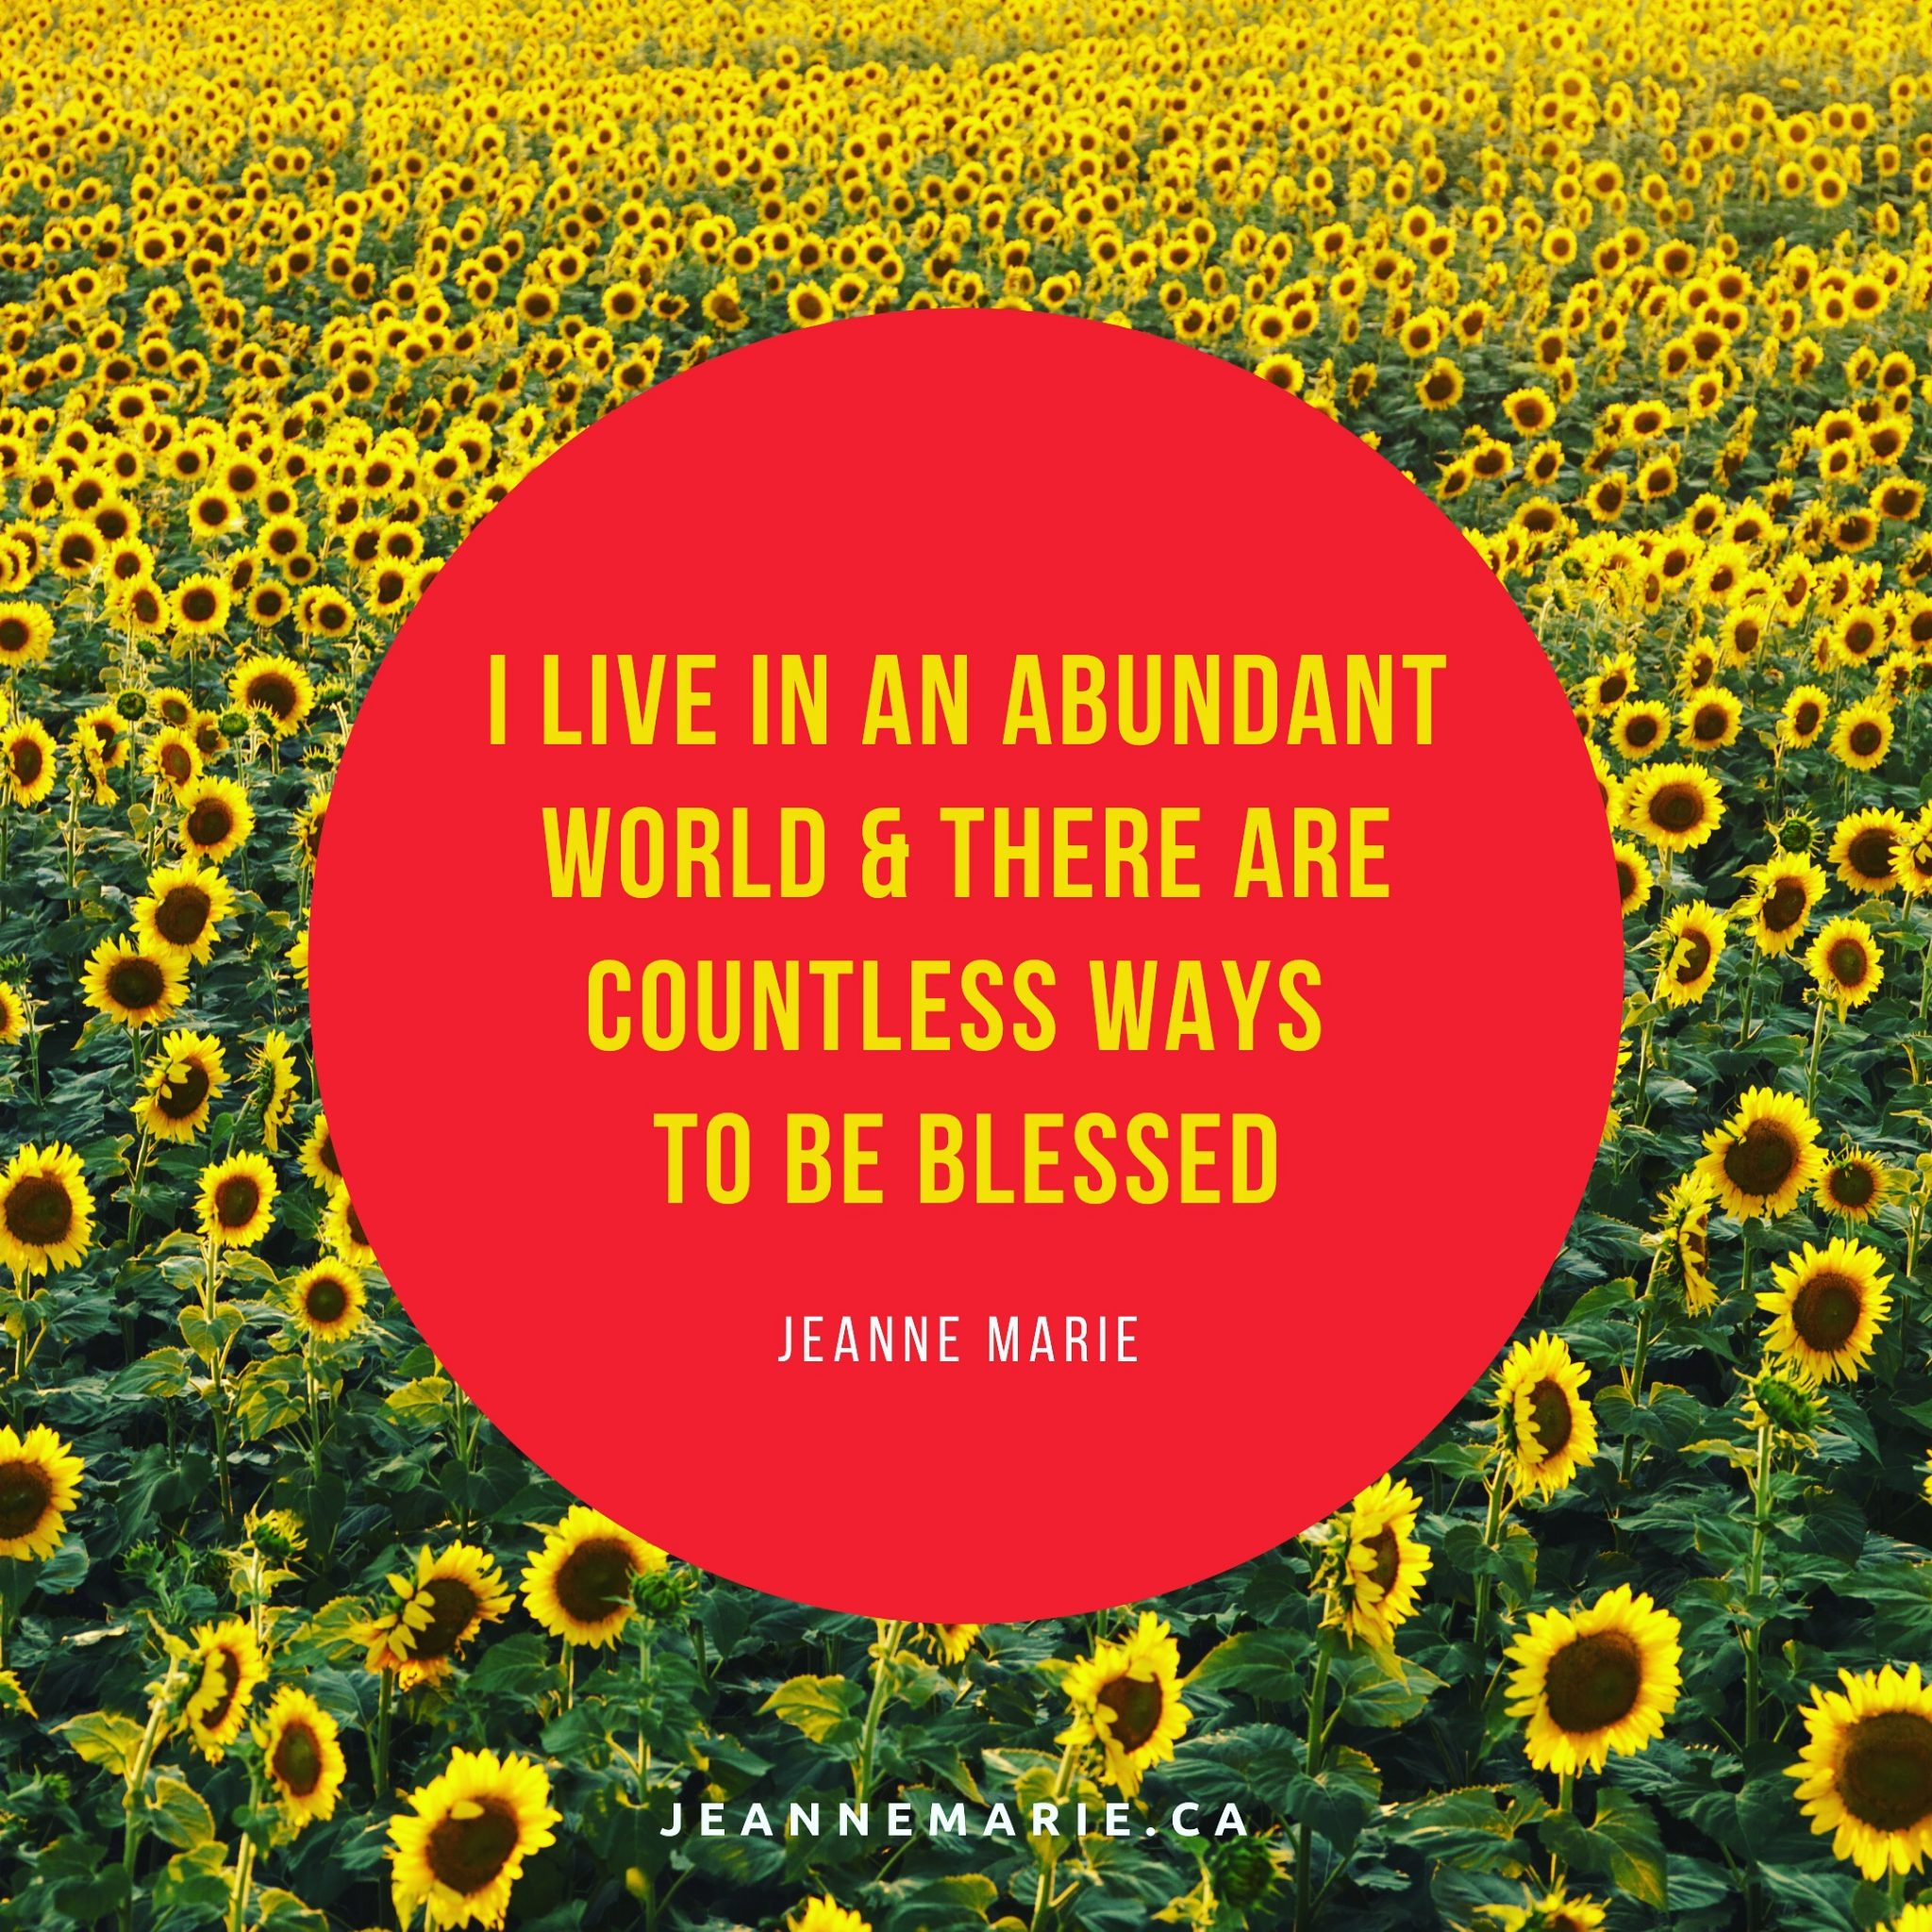 I live in an abundant world